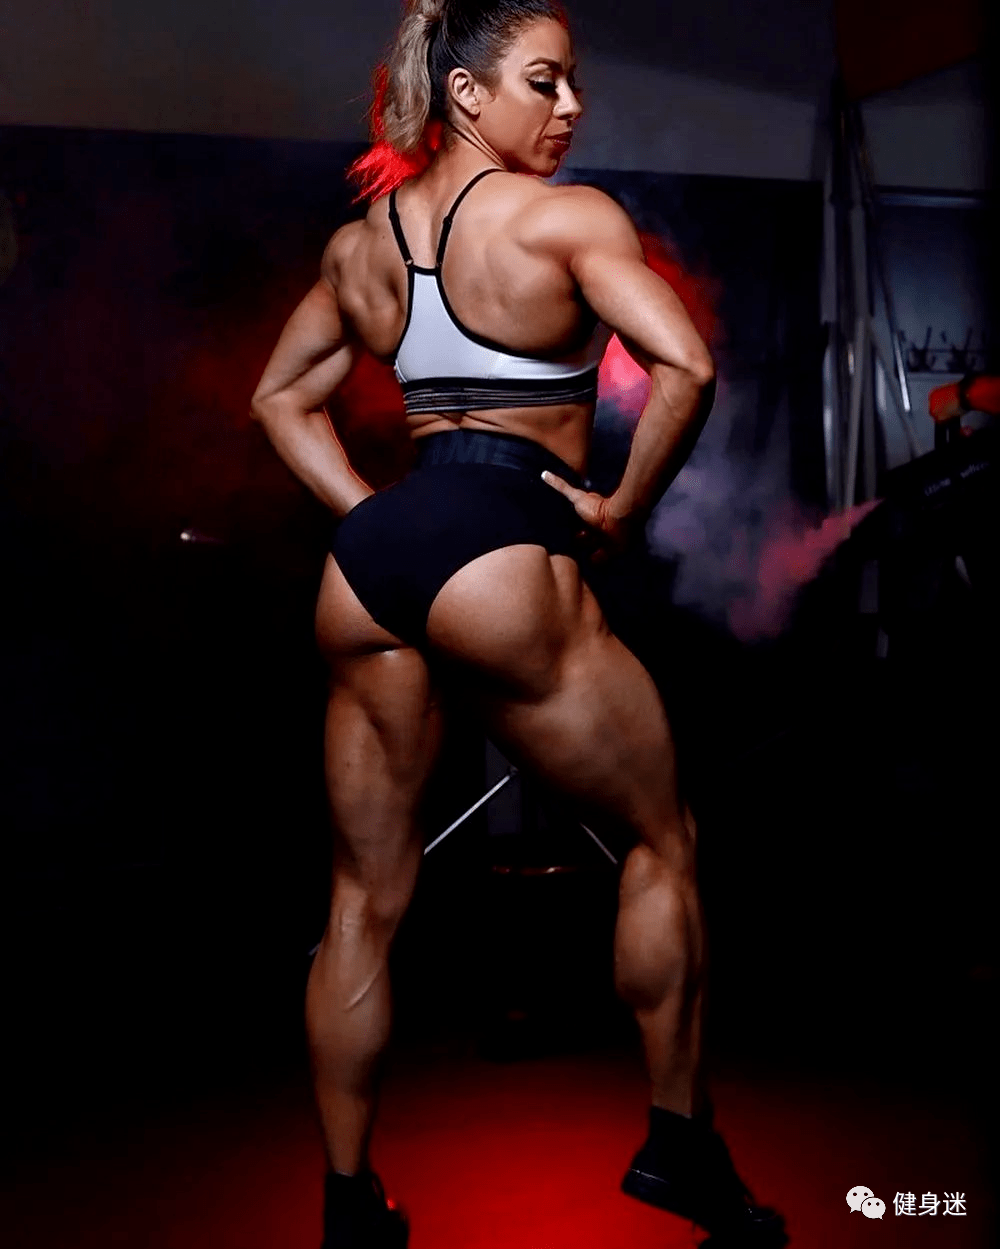 肌肉个脂肪对比图